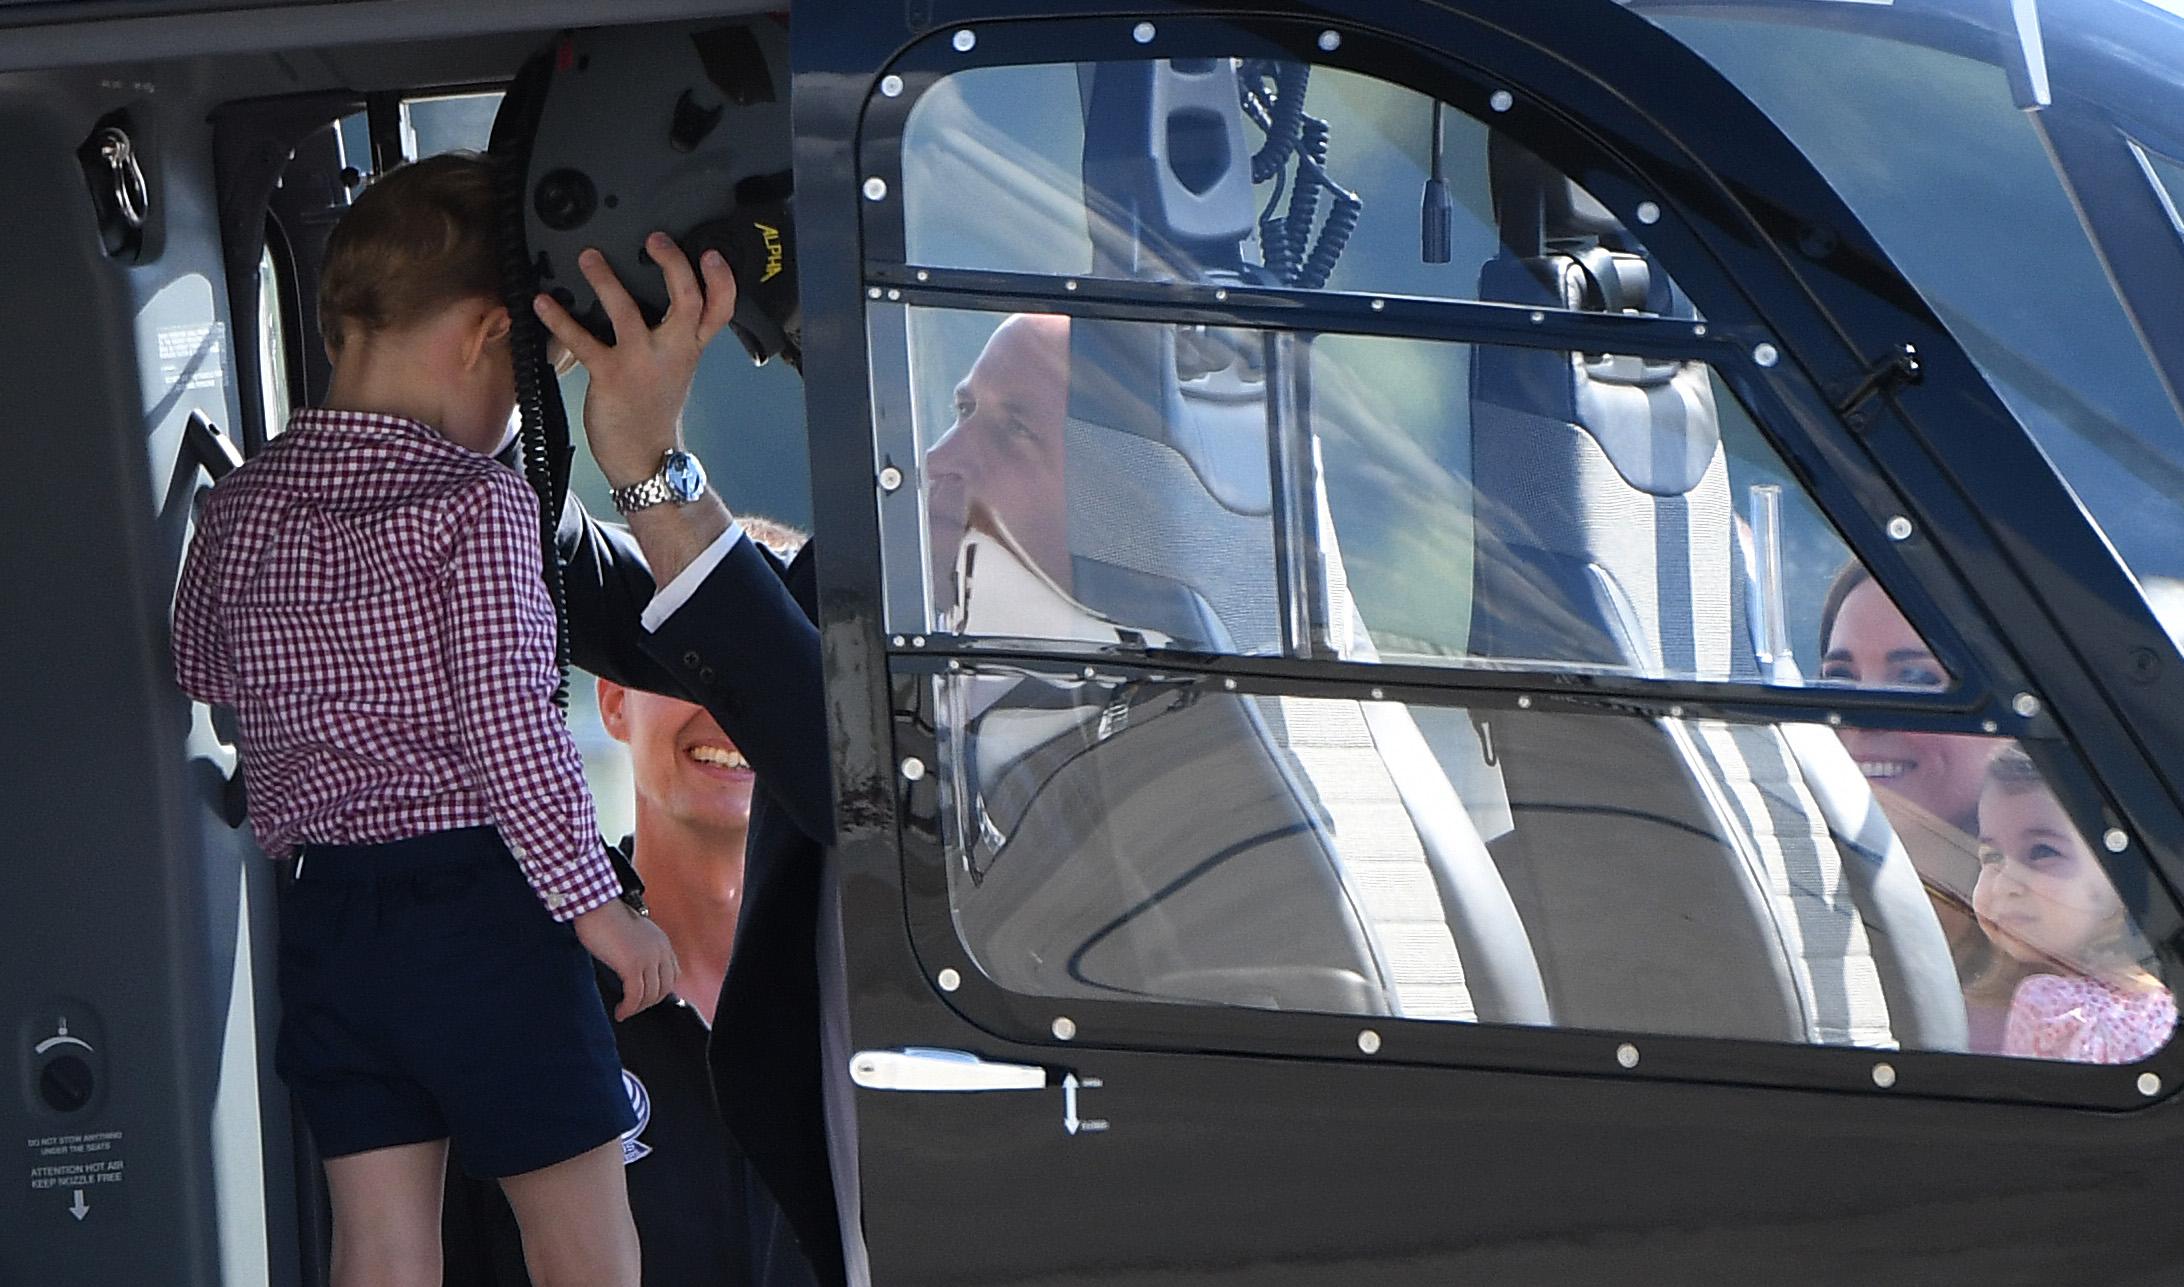 2017年7月21日,英国威廉王子携妻子与一对子女在德国汉堡参观一架直升机,威廉王子帮即将满4岁的乔治王子戴上头盔。(PATRIK STOLLARZ/AFP/Getty Images)